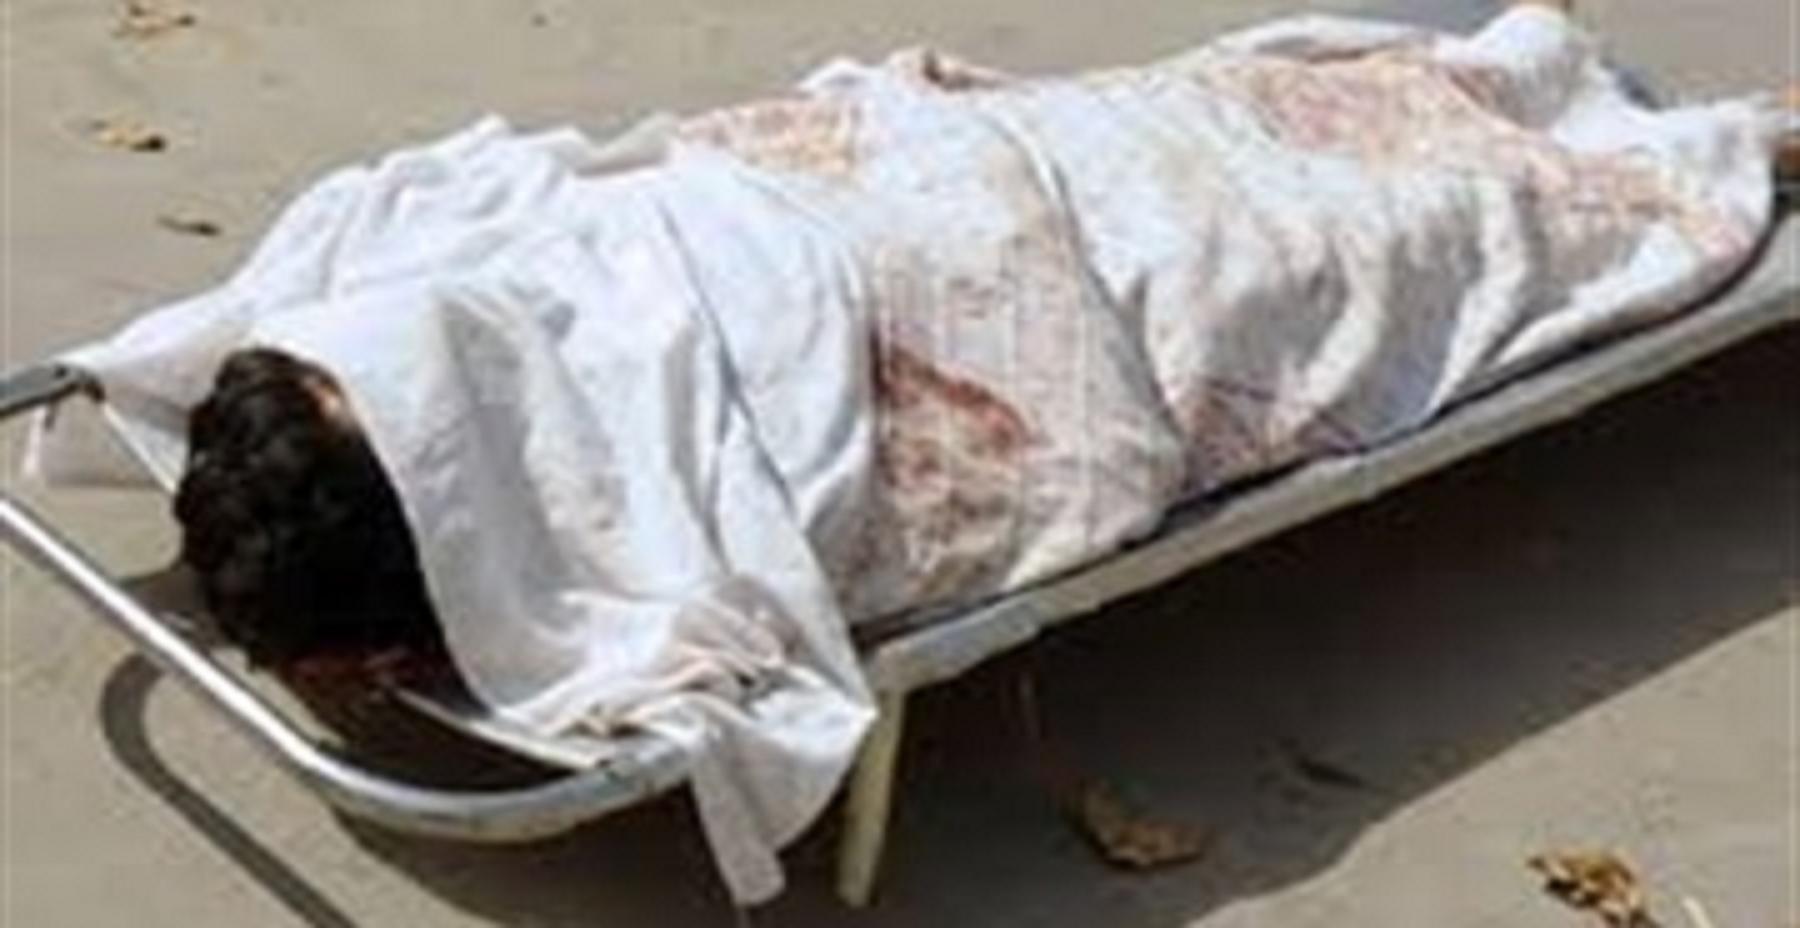 قطار يدهس شخص ويصيب اثنين في محافظة أسيوط